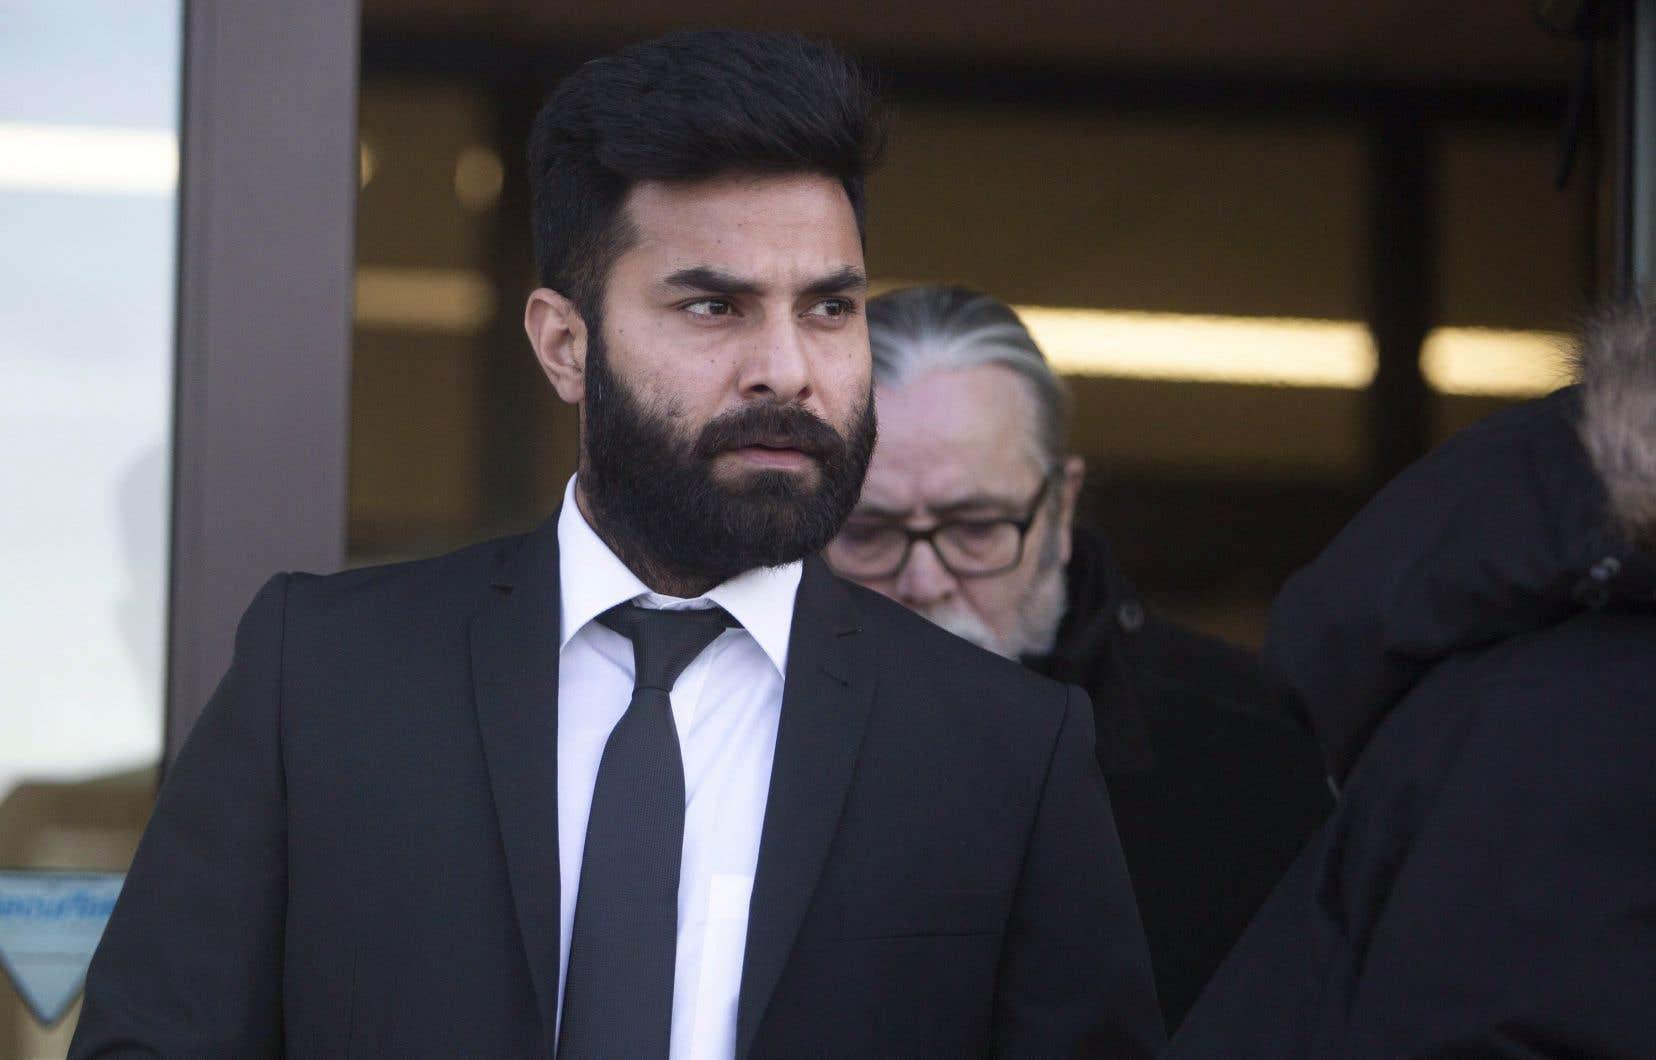 <p>L'avocat de M.Sidhu a déclaré que davantage d'éléments de preuve devaient encore être remis à la défense, mais que son client voulait plaider coupable afin d'éviter tout délai supplémentaire.</p>